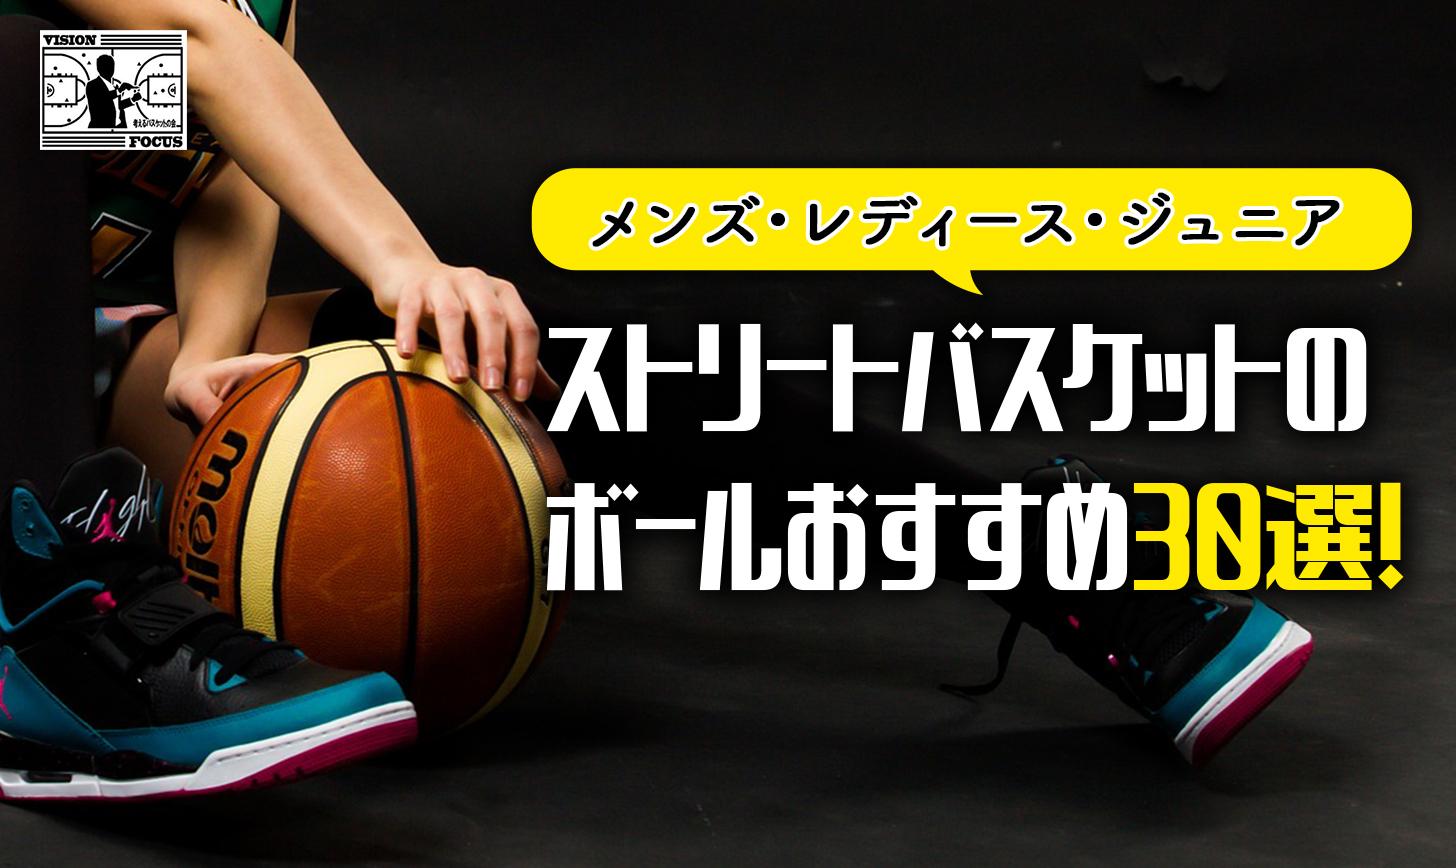 【完全版】ストリートバスケットのボールおすすめ30選!メンズ・レディース・ジュニアでそれぞれまとめました!